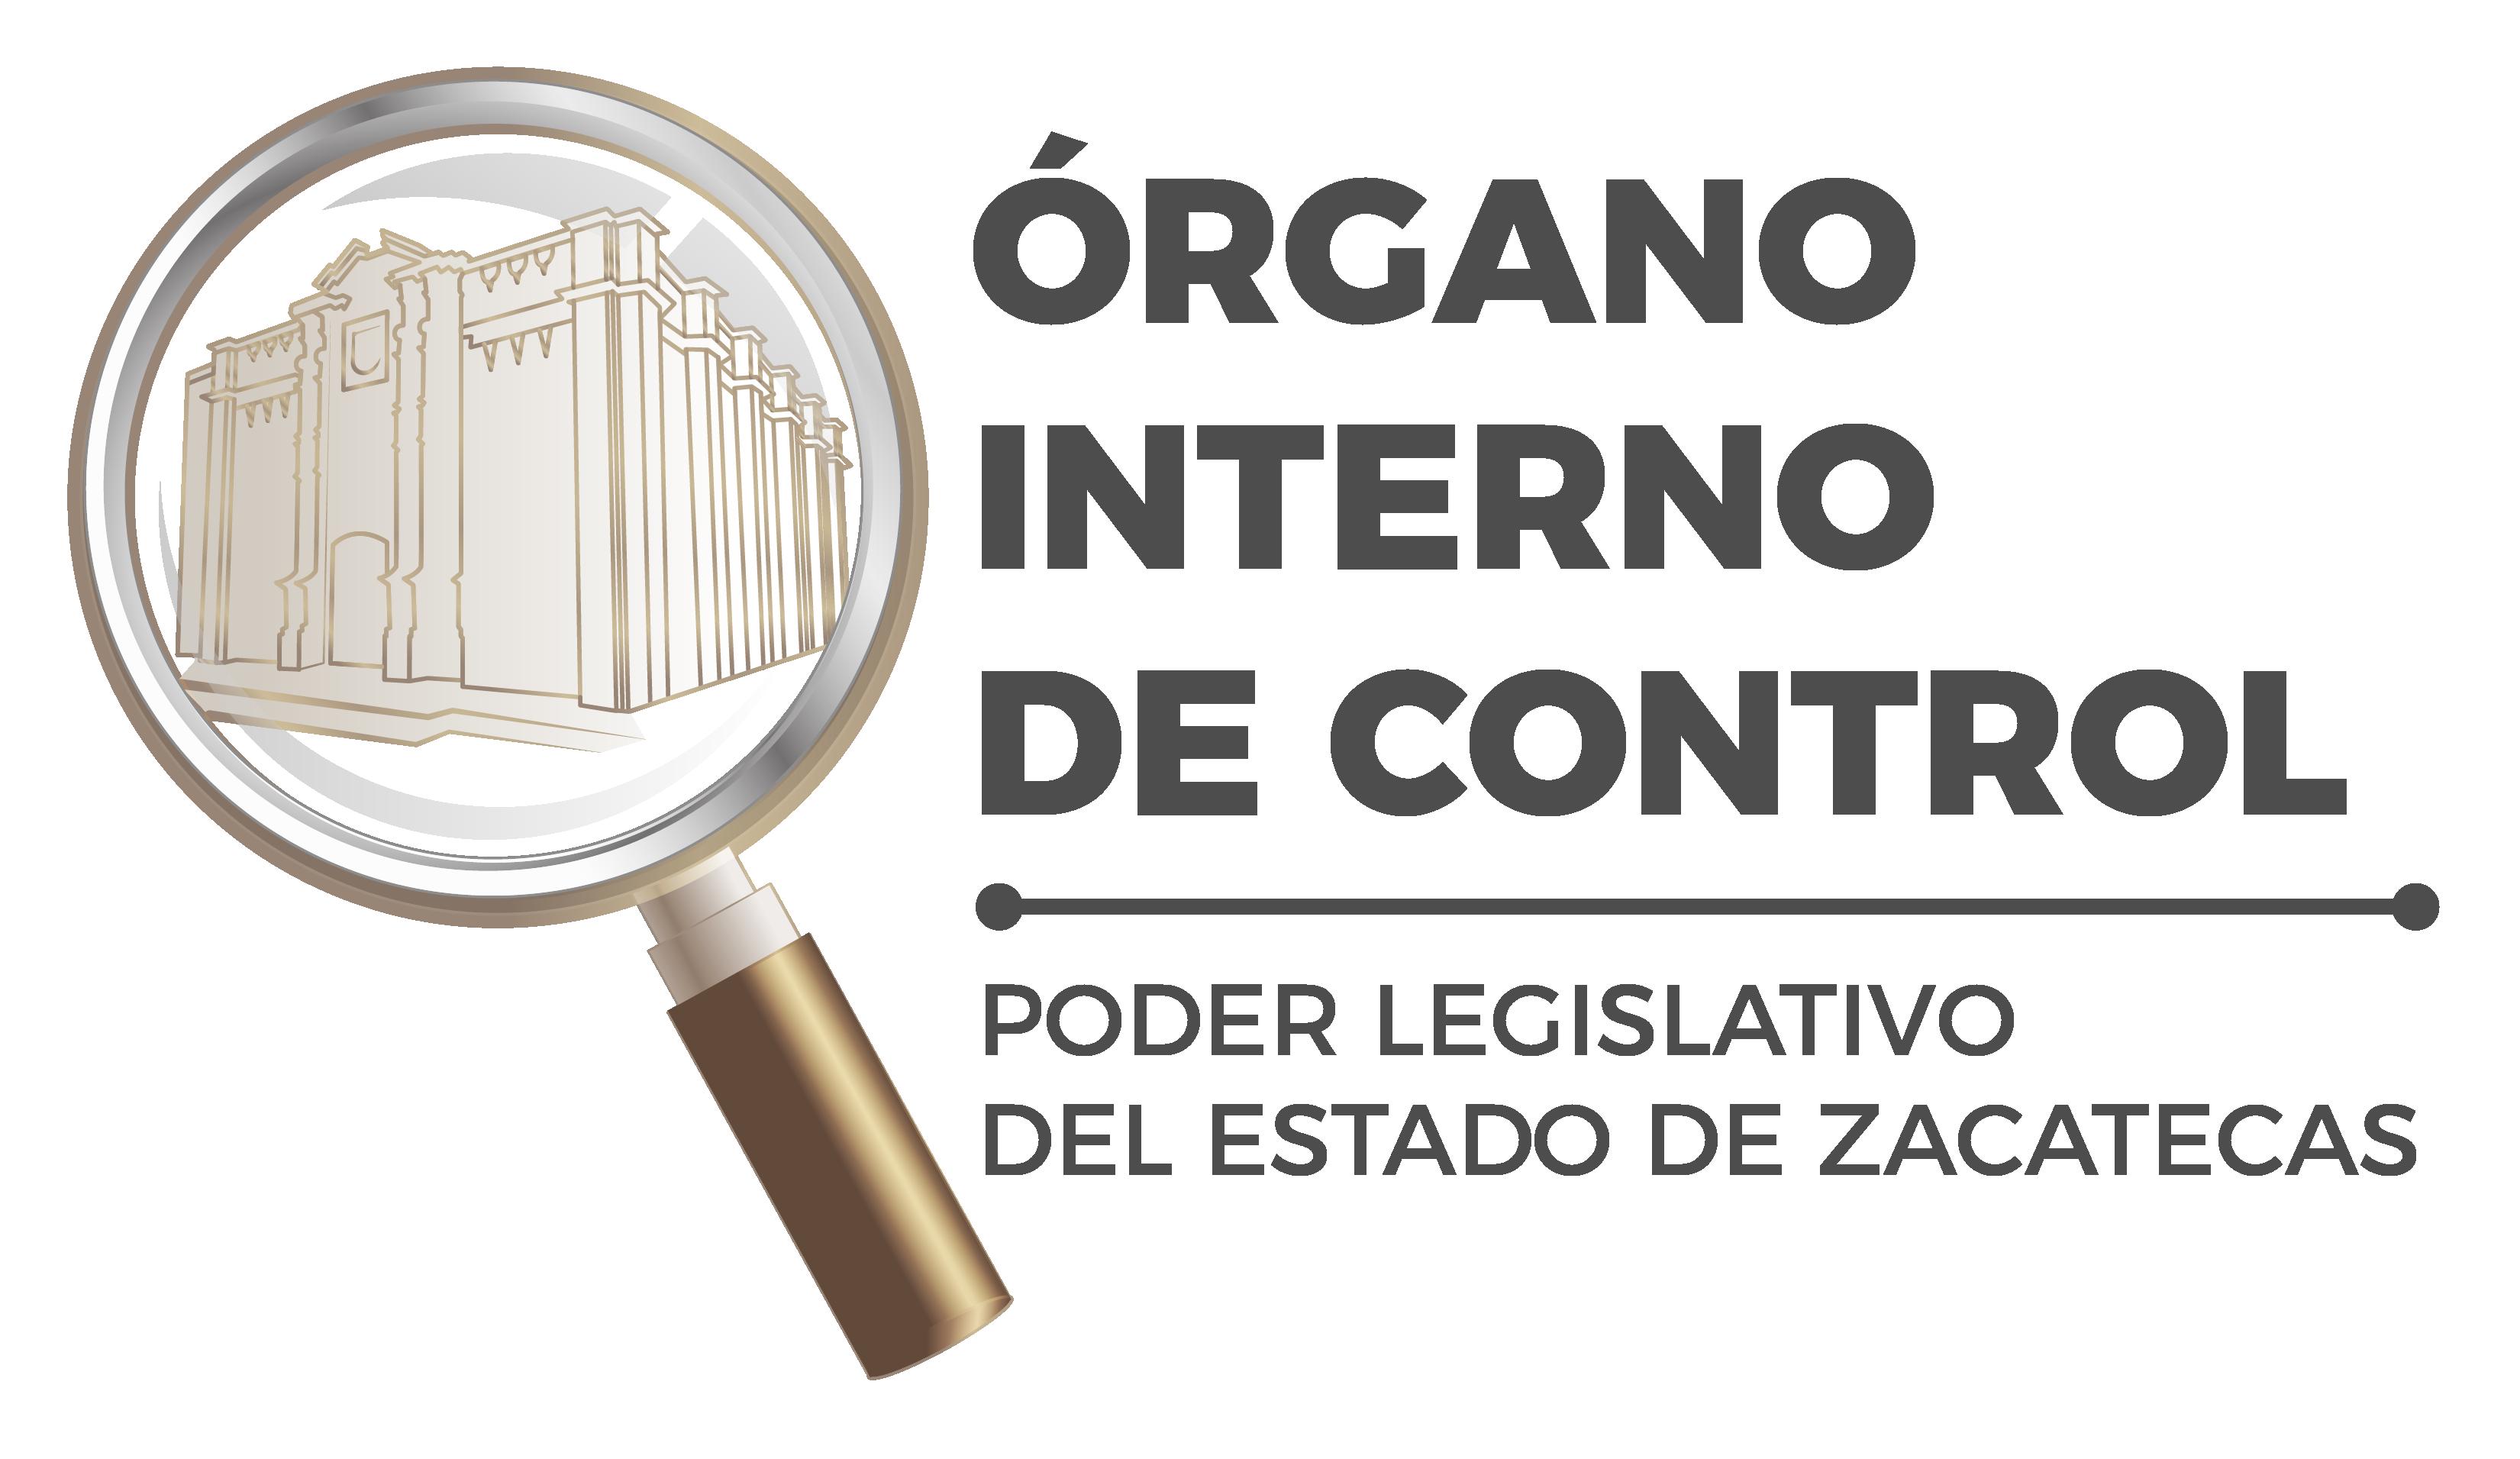 Auditoría Superior del Estado de Zacatecas